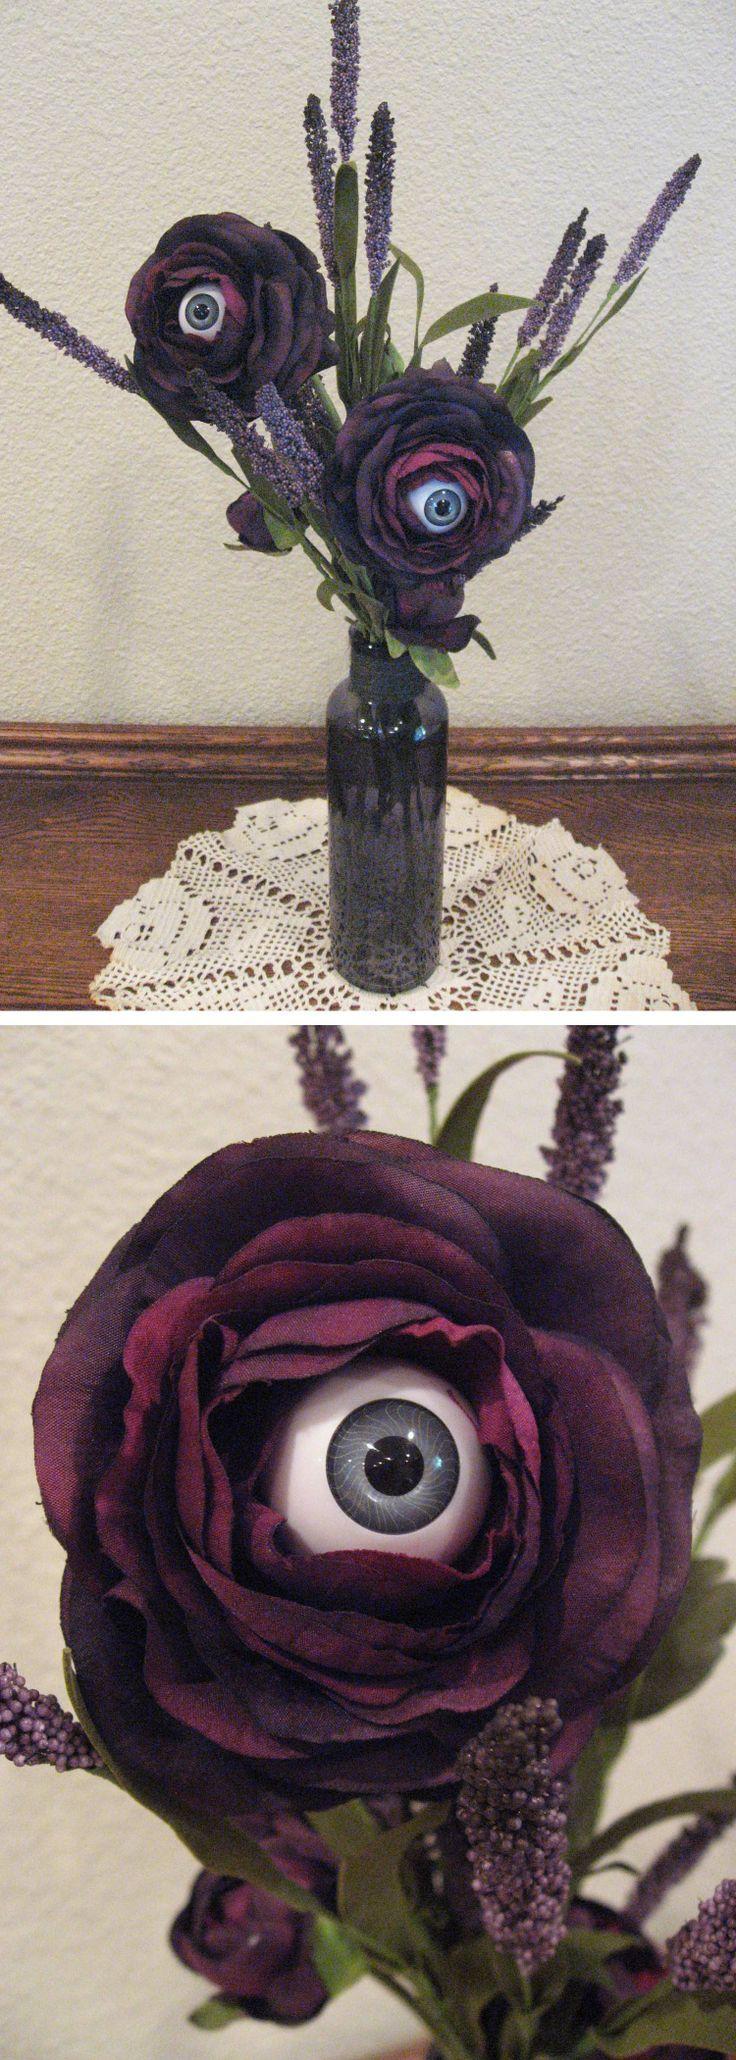 Best 20+ Halloween vase ideas on Pinterest | Diy halloween ...